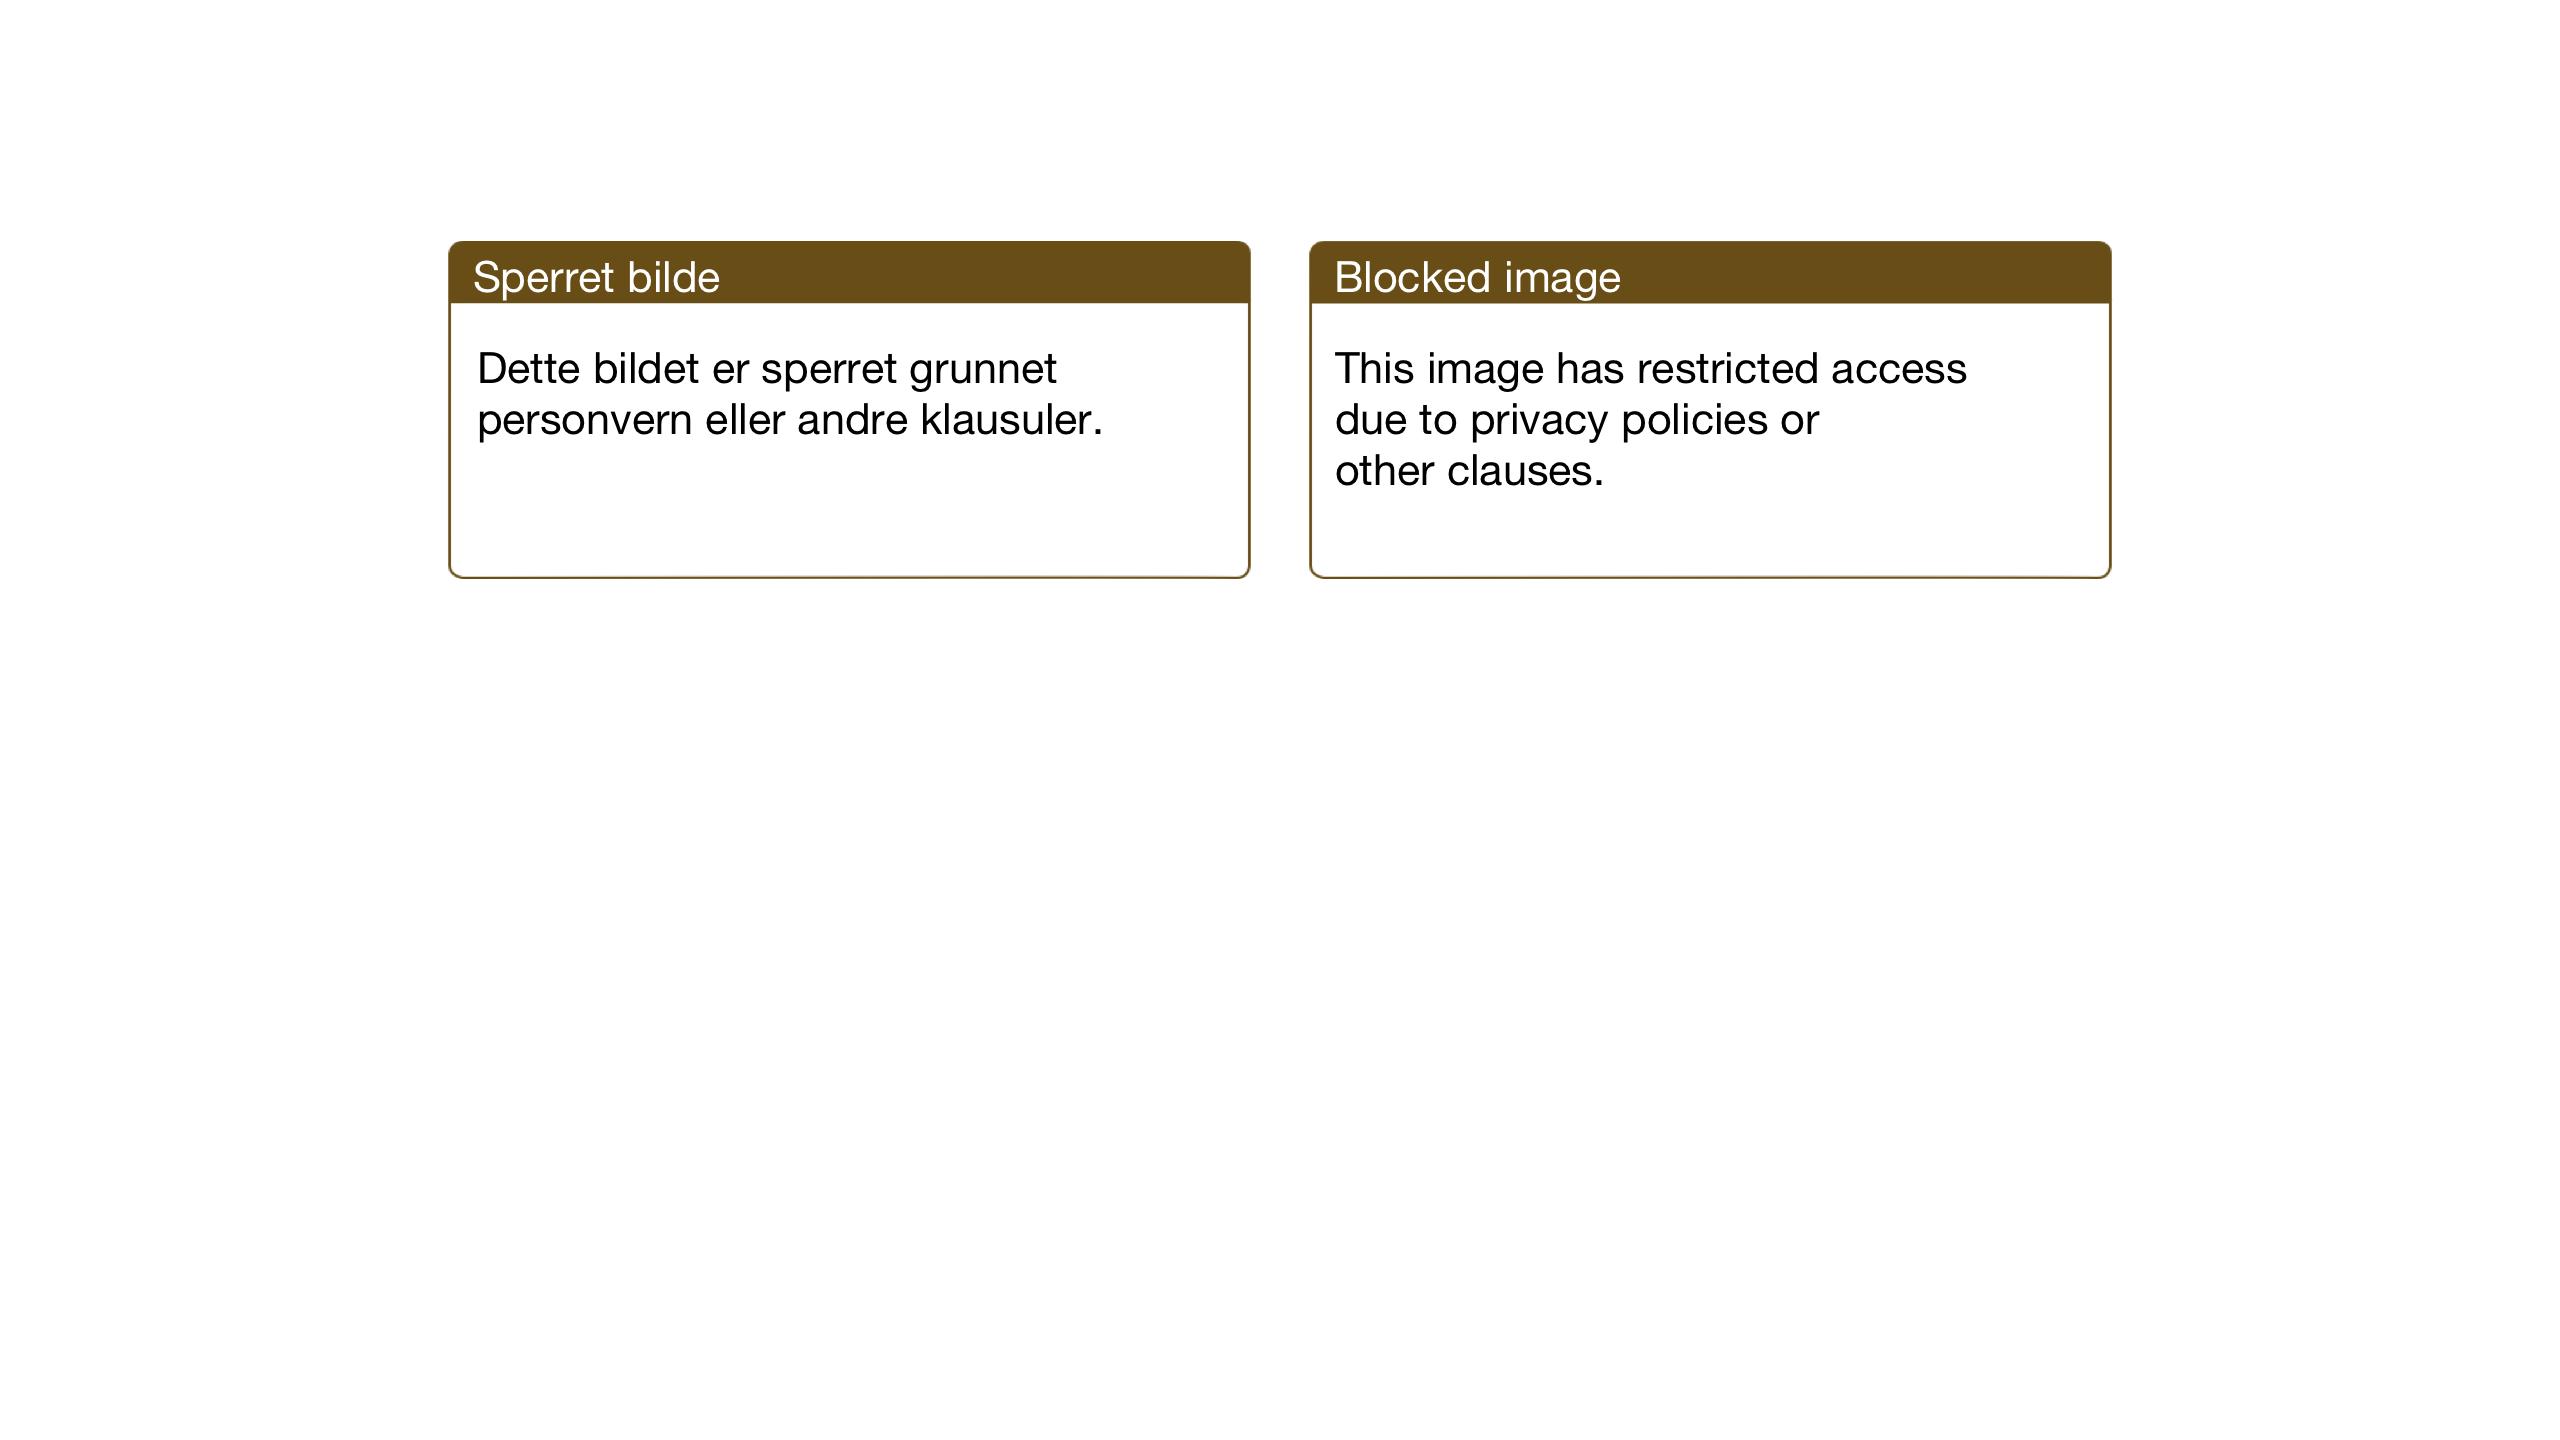 SAT, Ministerialprotokoller, klokkerbøker og fødselsregistre - Nord-Trøndelag, 733/L0328: Klokkerbok nr. 733C03, 1919-1966, s. 36